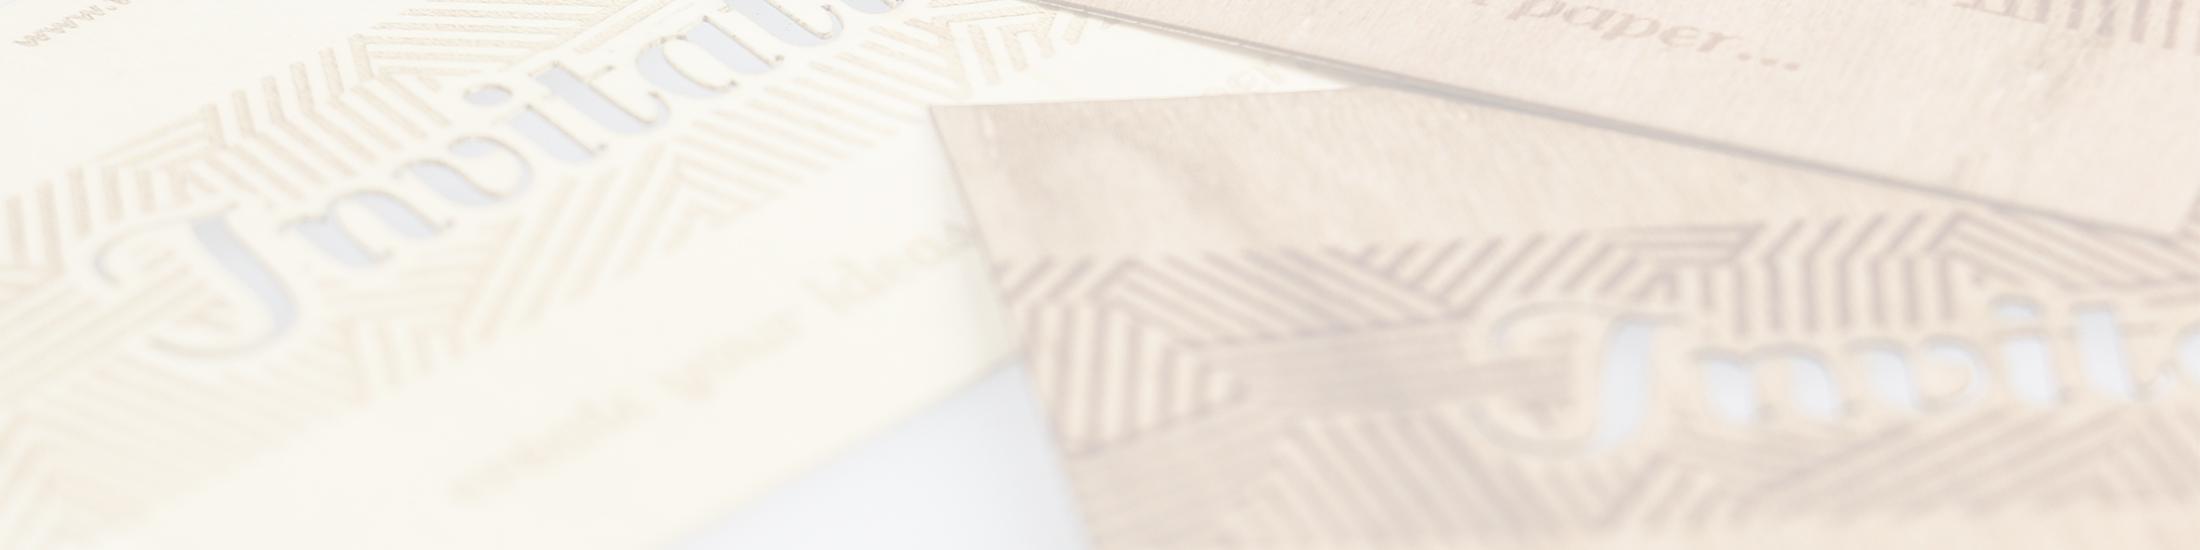 laserpapier gemaakt van echt hout